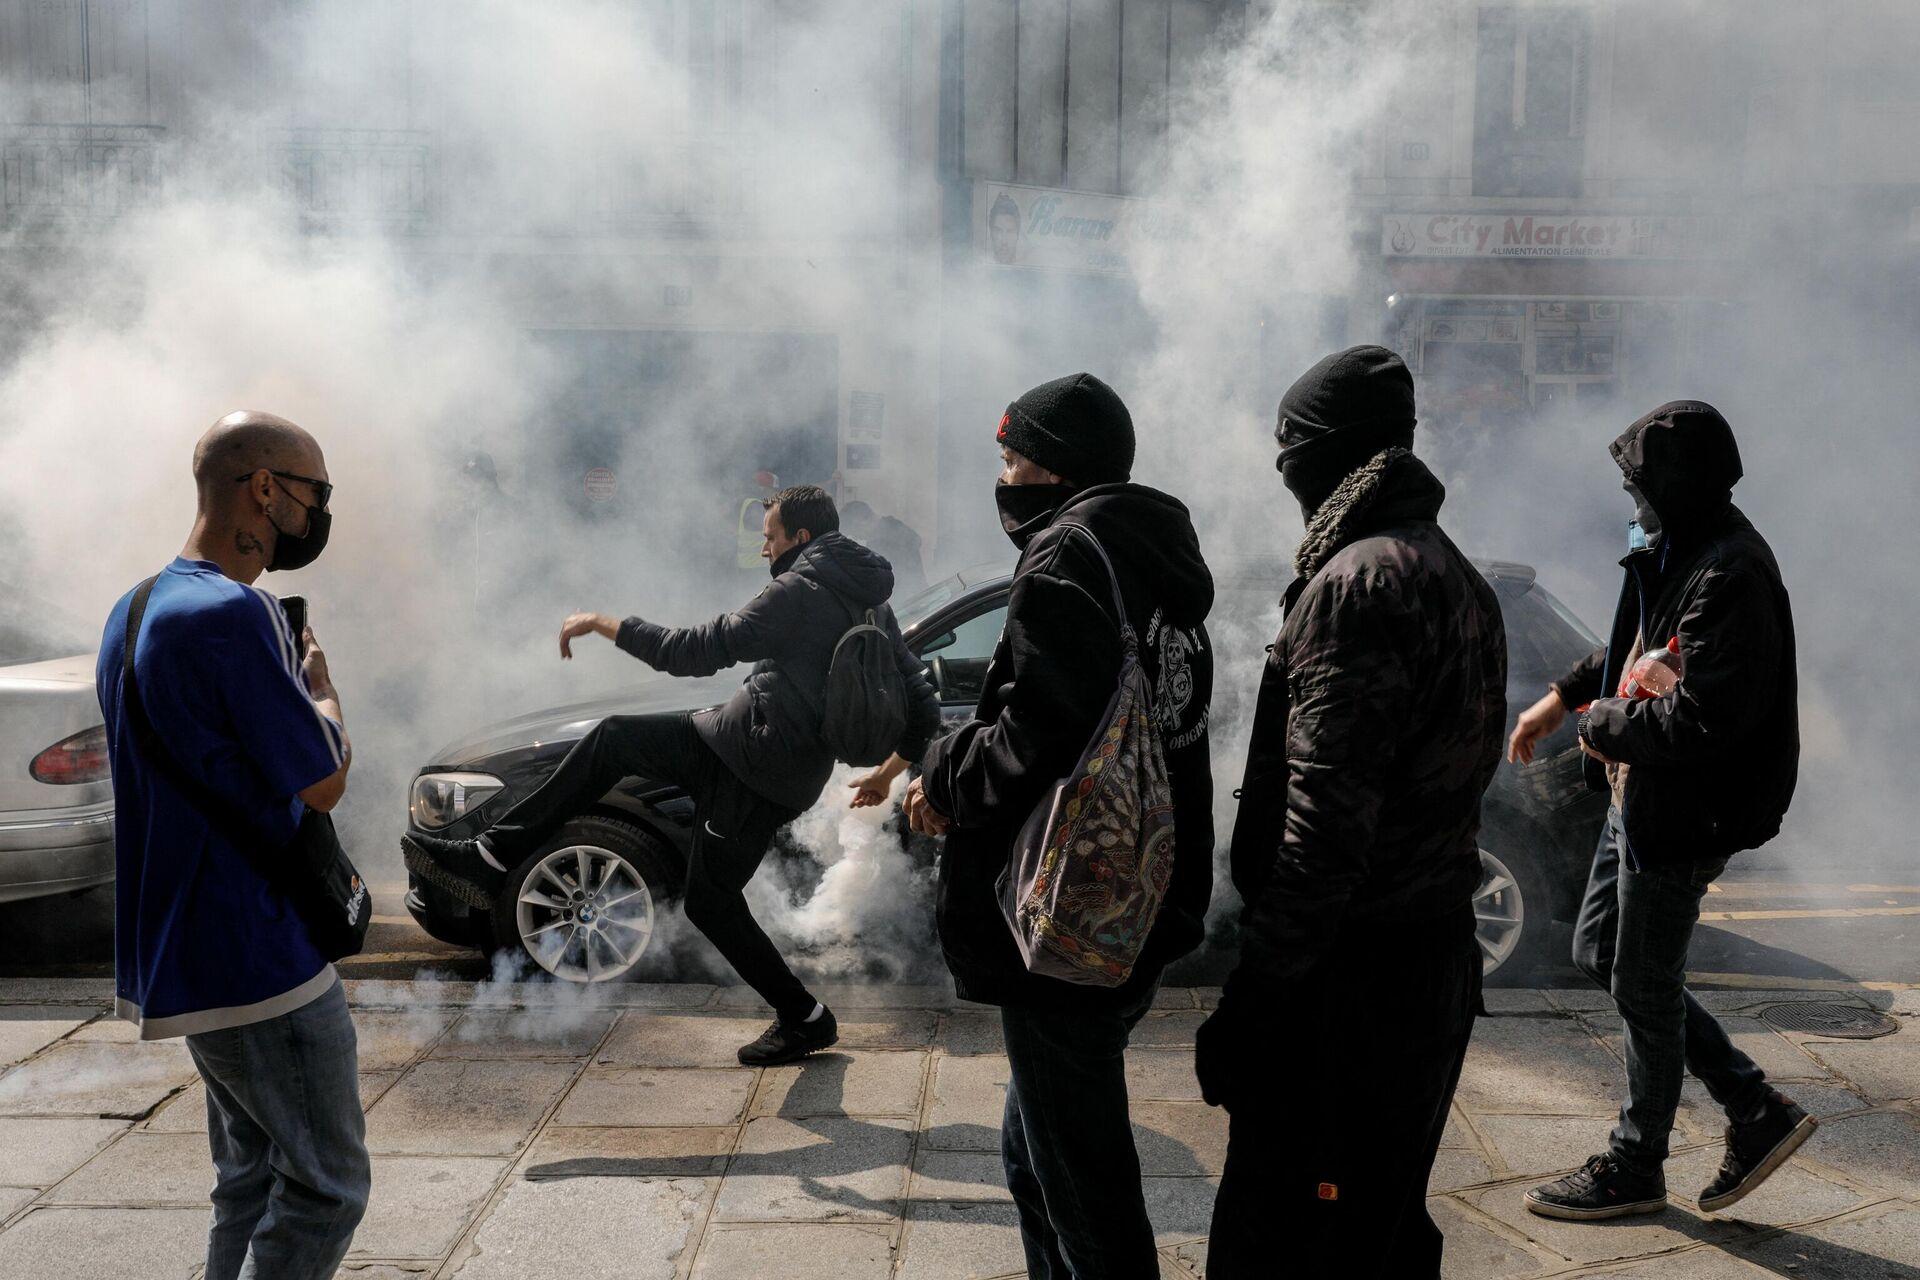 Француска полиција бацила сузавац на демонстранте у Паризу. - Sputnik Србија, 1920, 15.07.2021